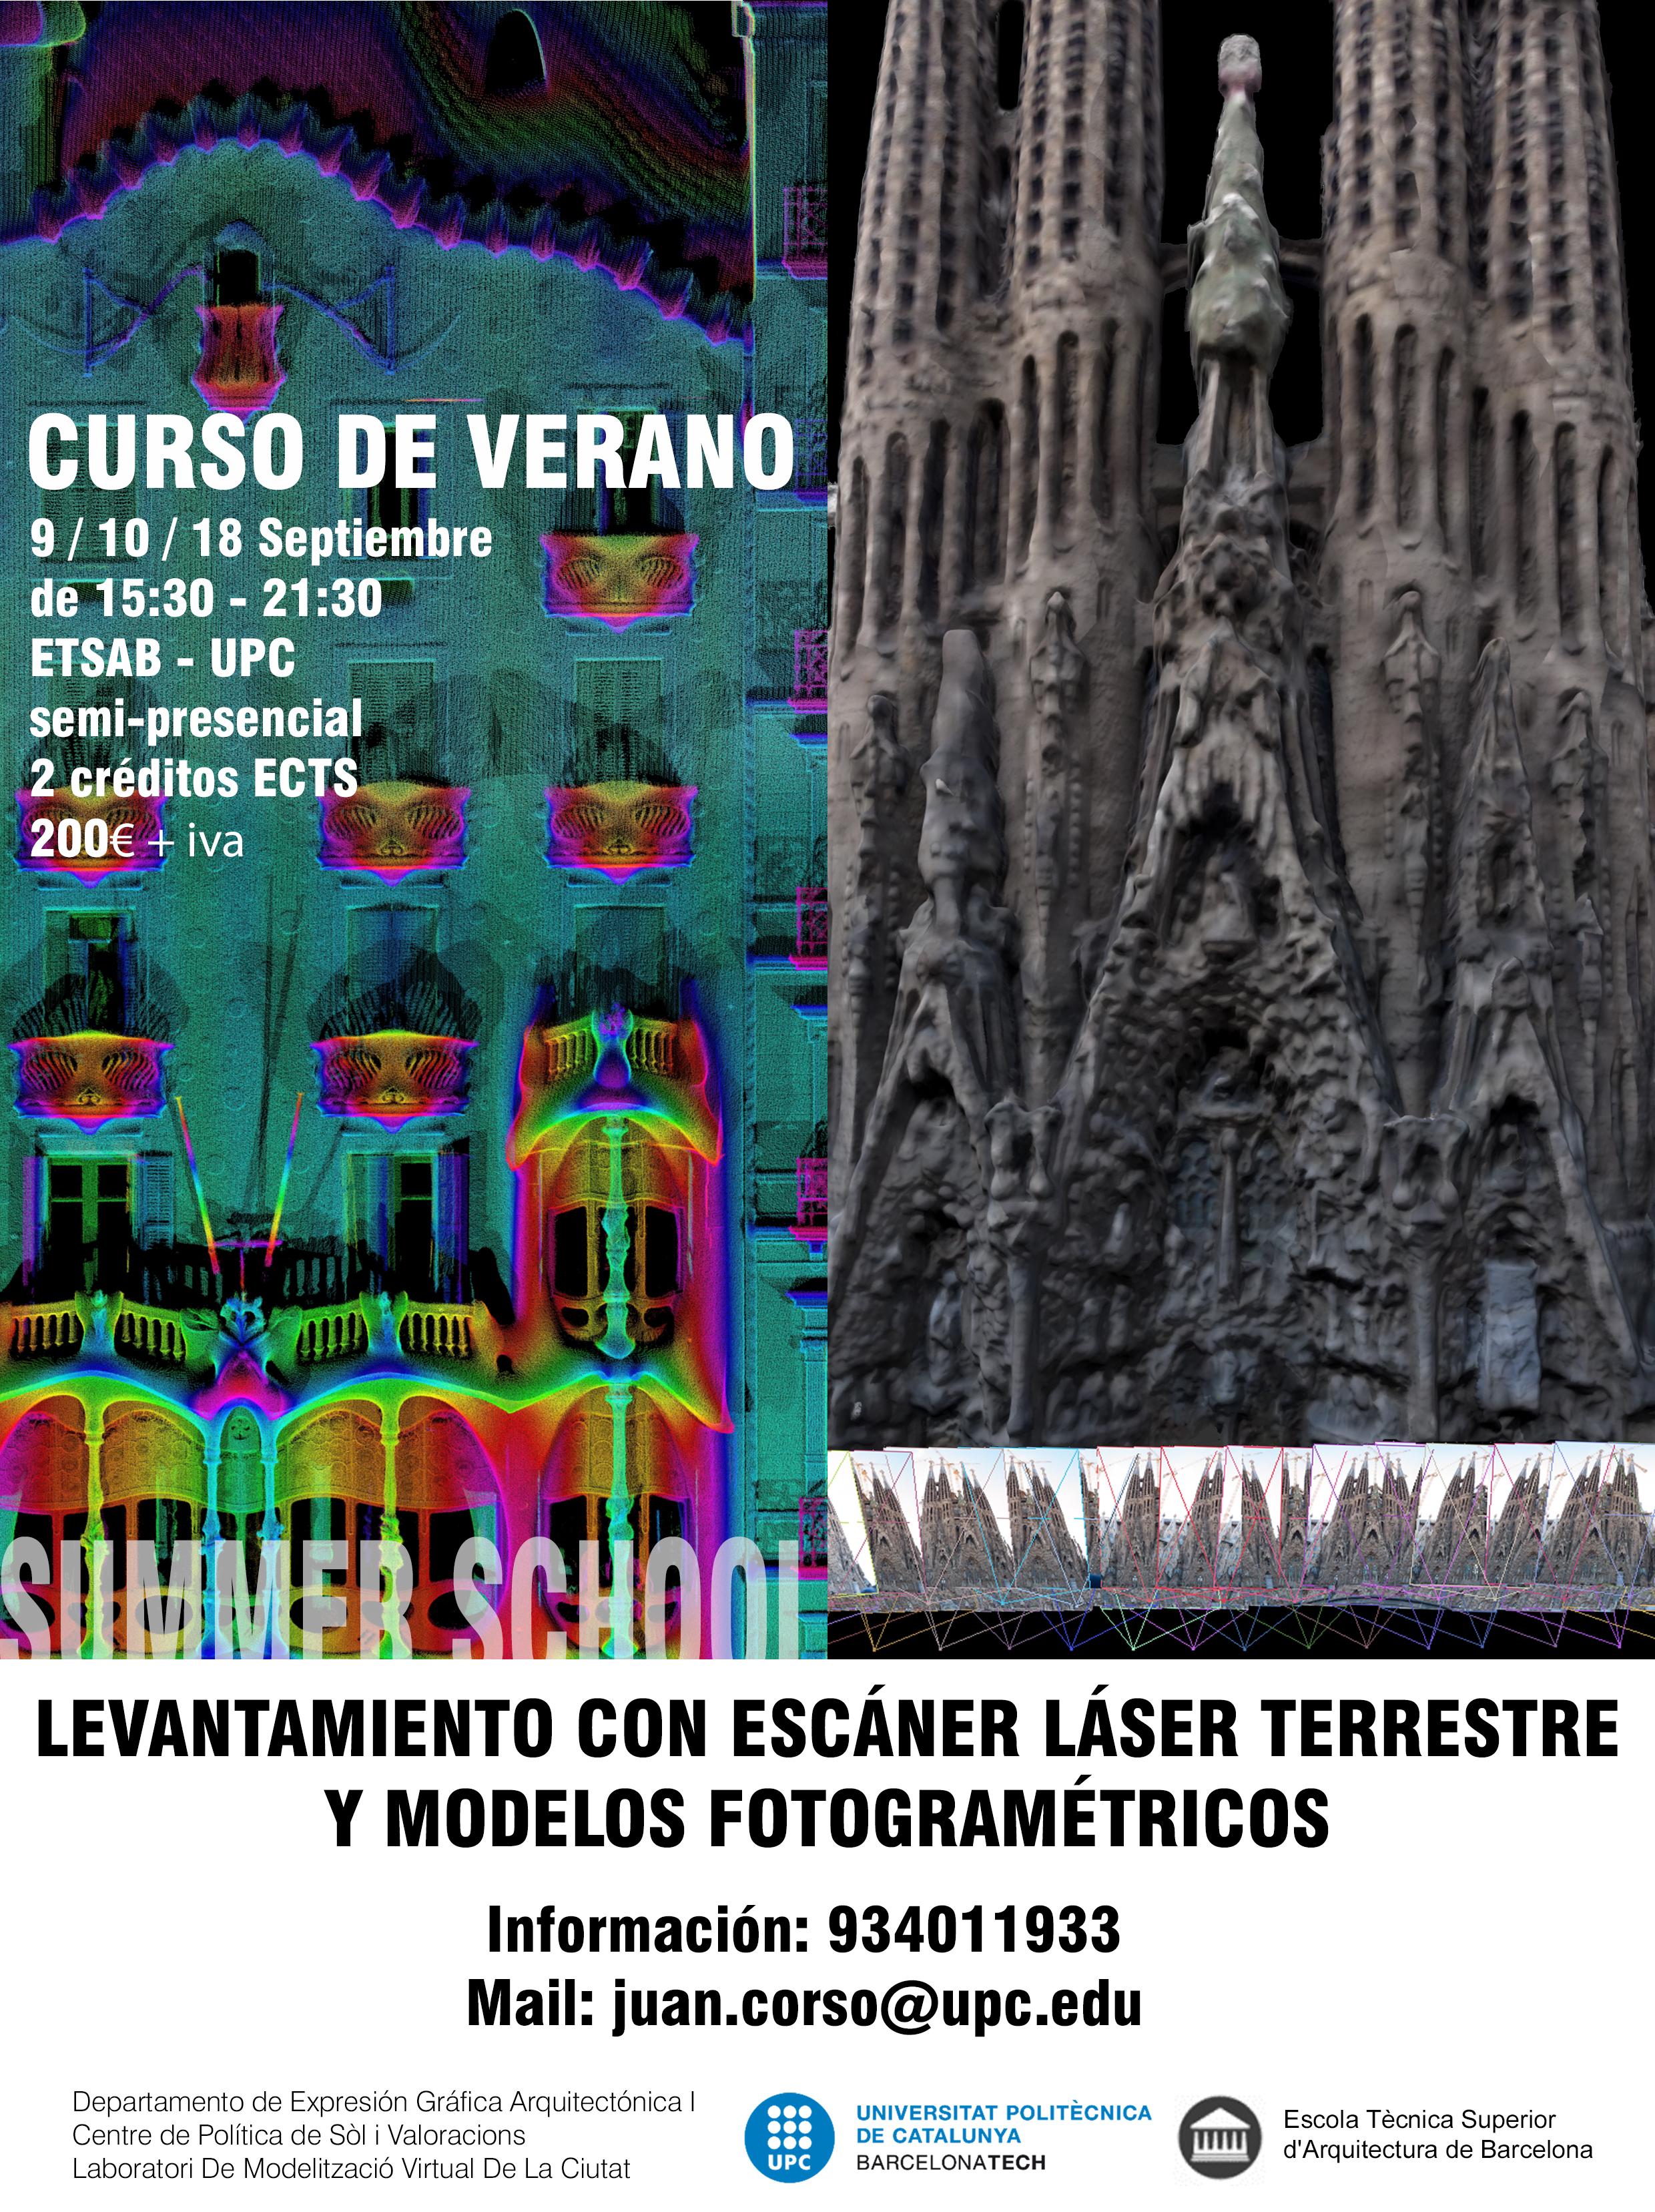 Curso de verano: Levantamiento con Escáner Láser Terrestre y Modelos Fotogramétricos 3D. ETSAB, A-S2, 9, 10 y 18 Septiembre 2013